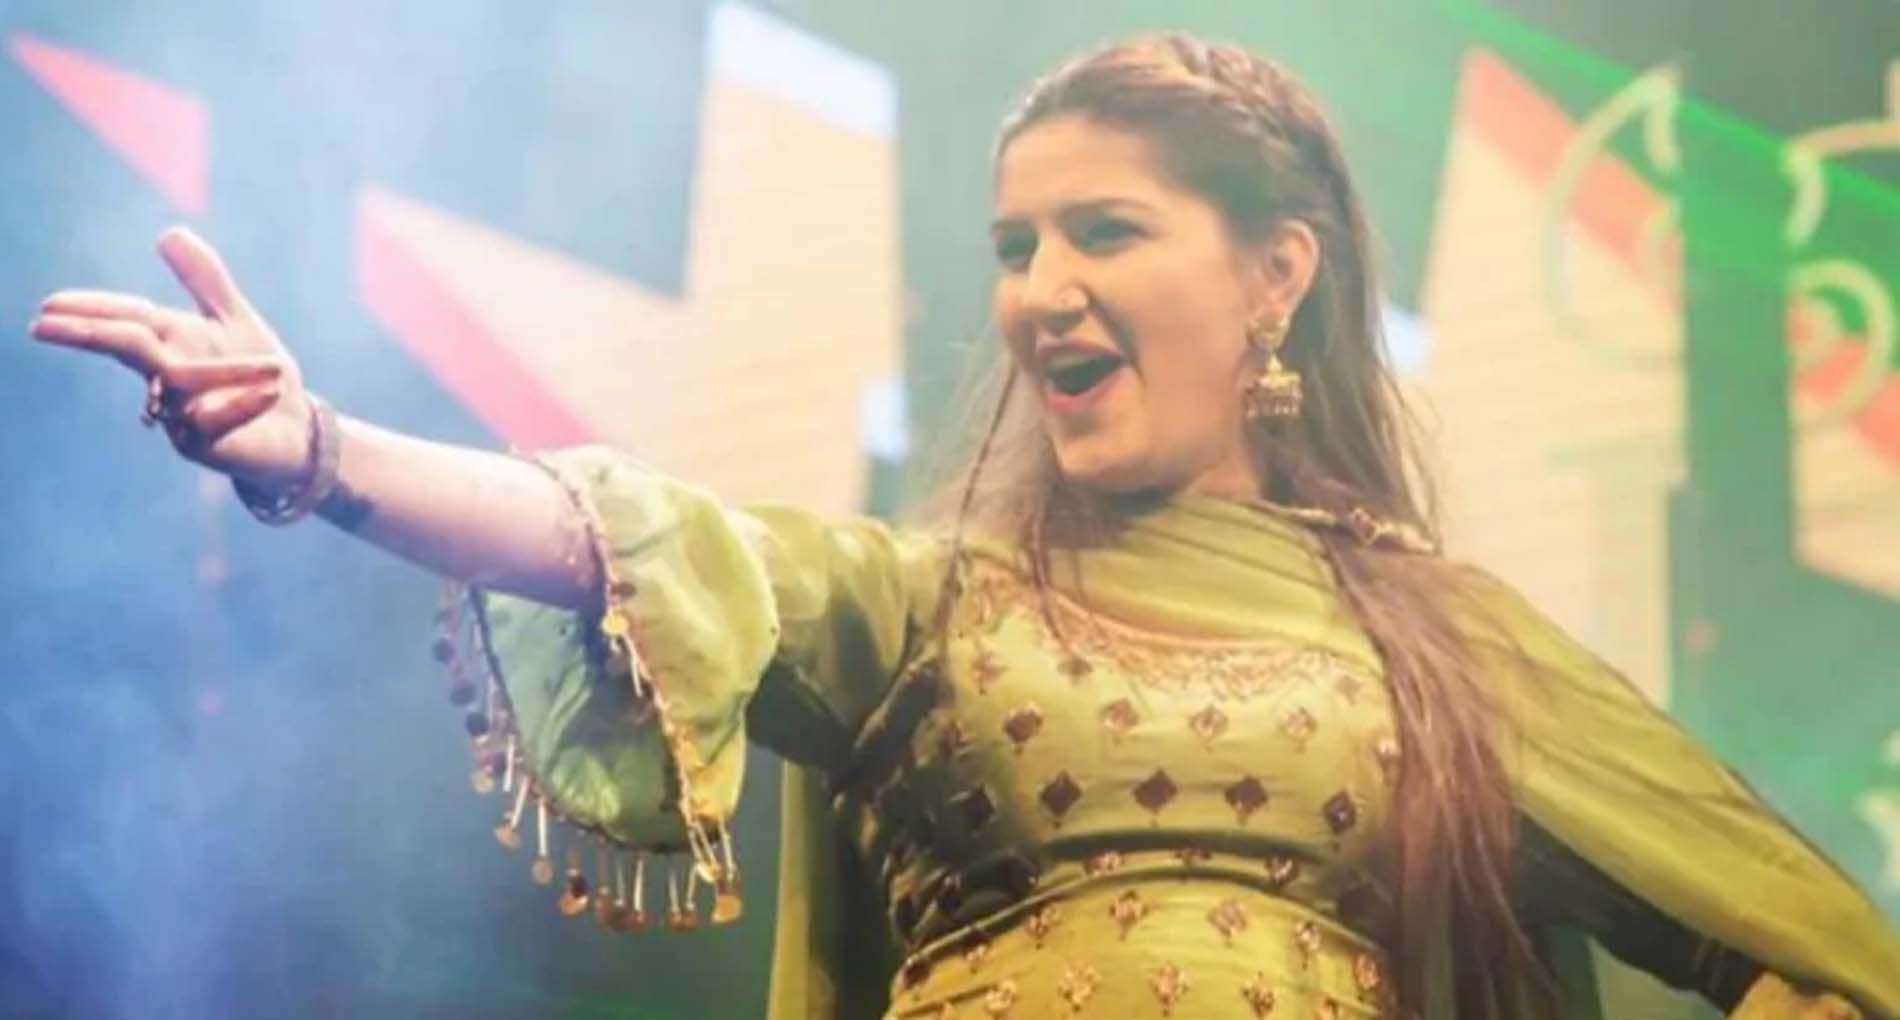 Sapna Choudhary Dance Video: सपना चौधरी ने किया 'लत लग जागी' गाने पर जोरदार डांस! देखें वीडियो